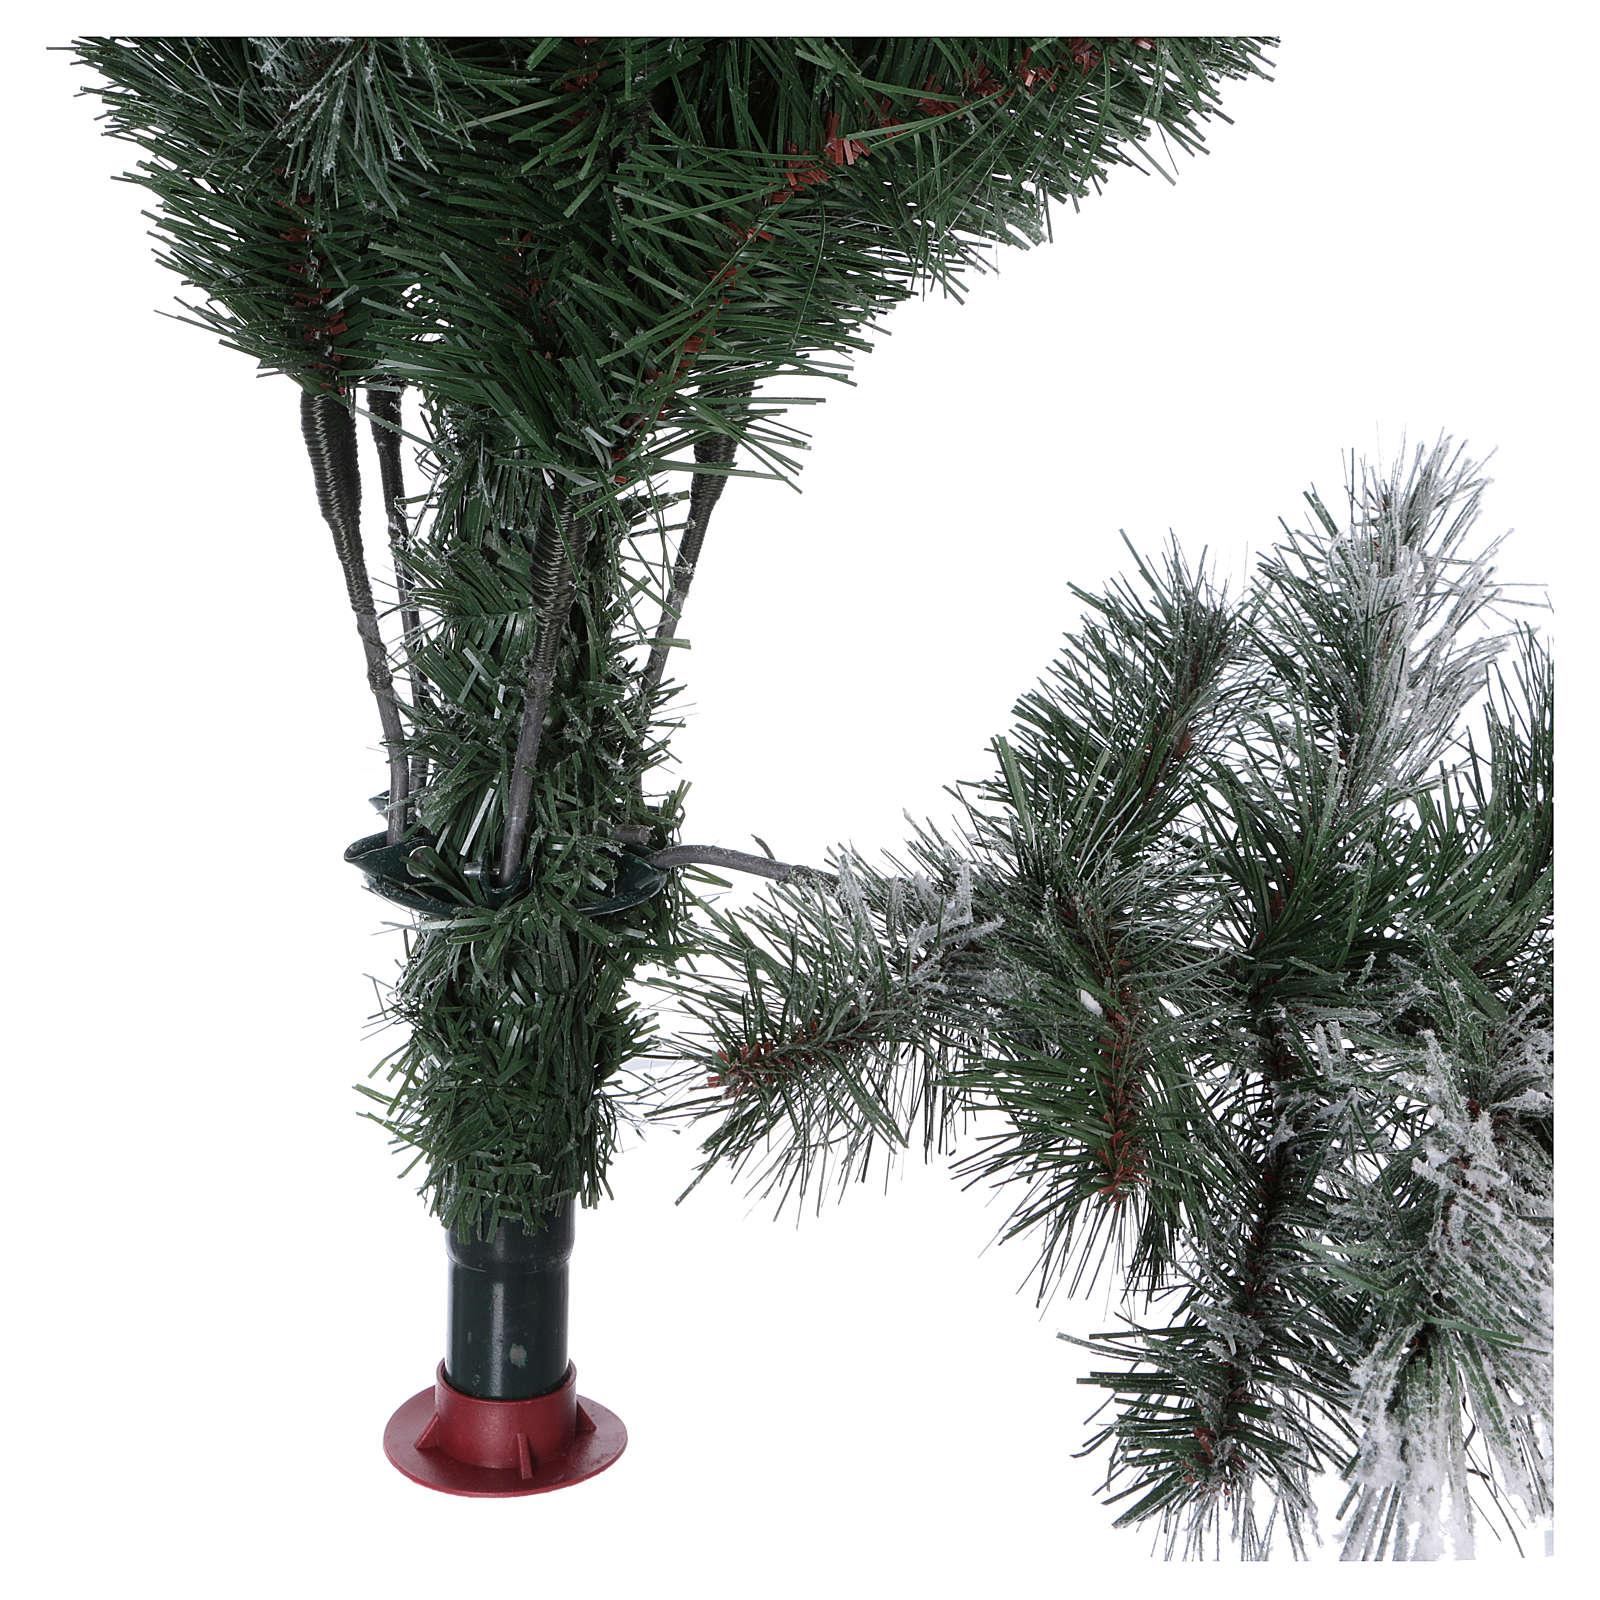 Grüner Weihnachtsbaum mit Schnee und Zapfen 180cm Mod. Bedford PVC 3